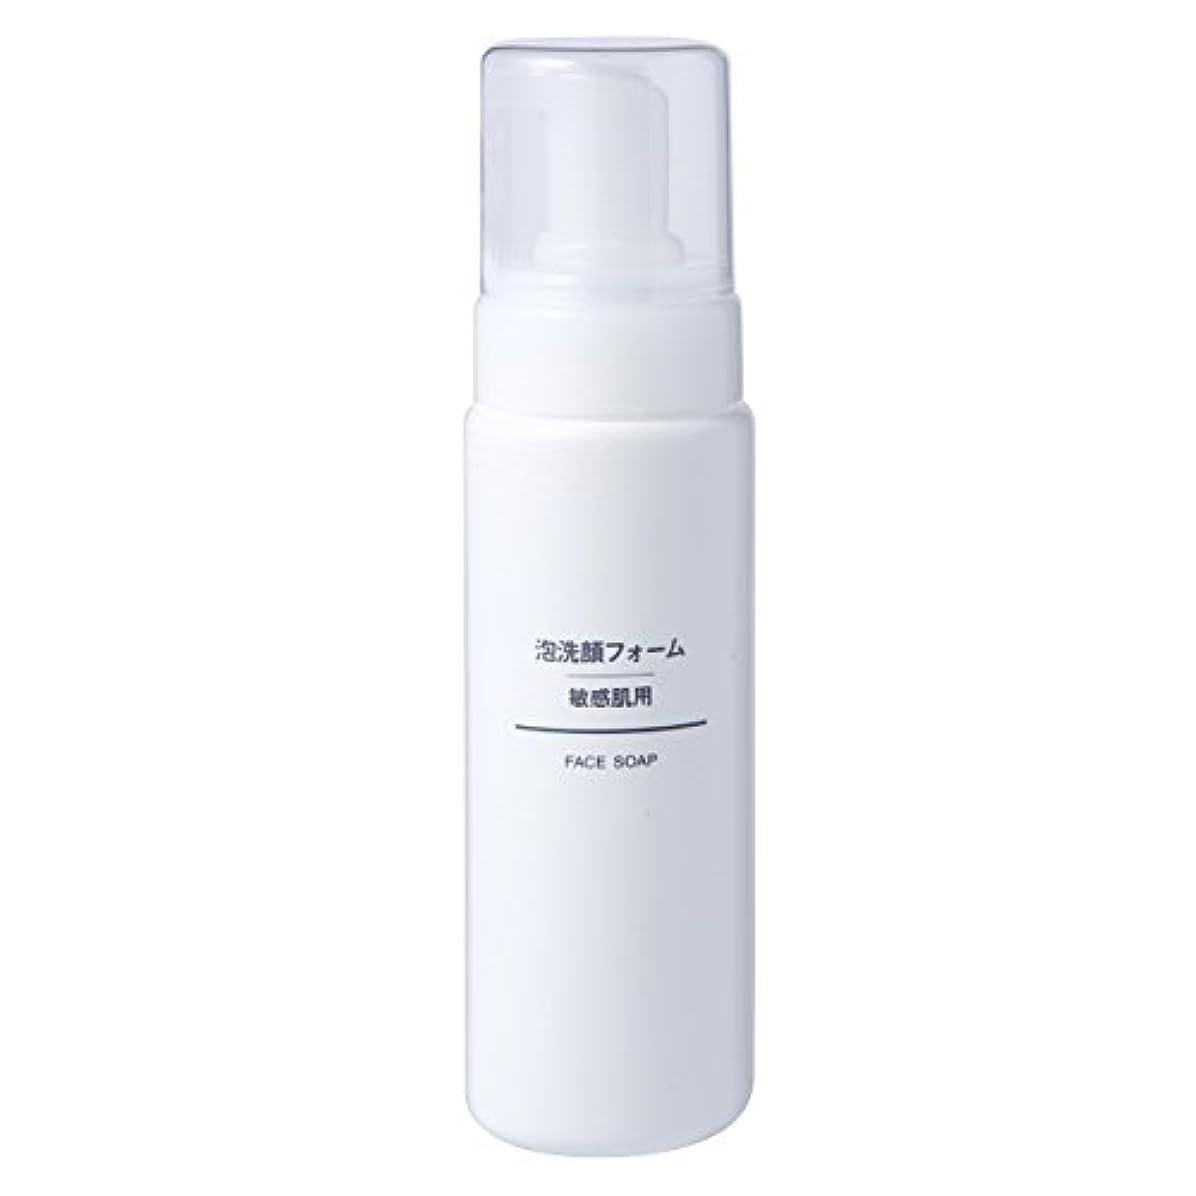 不完全な孤独なホーン無印良品 泡洗顔フォーム 敏感肌用 200ml